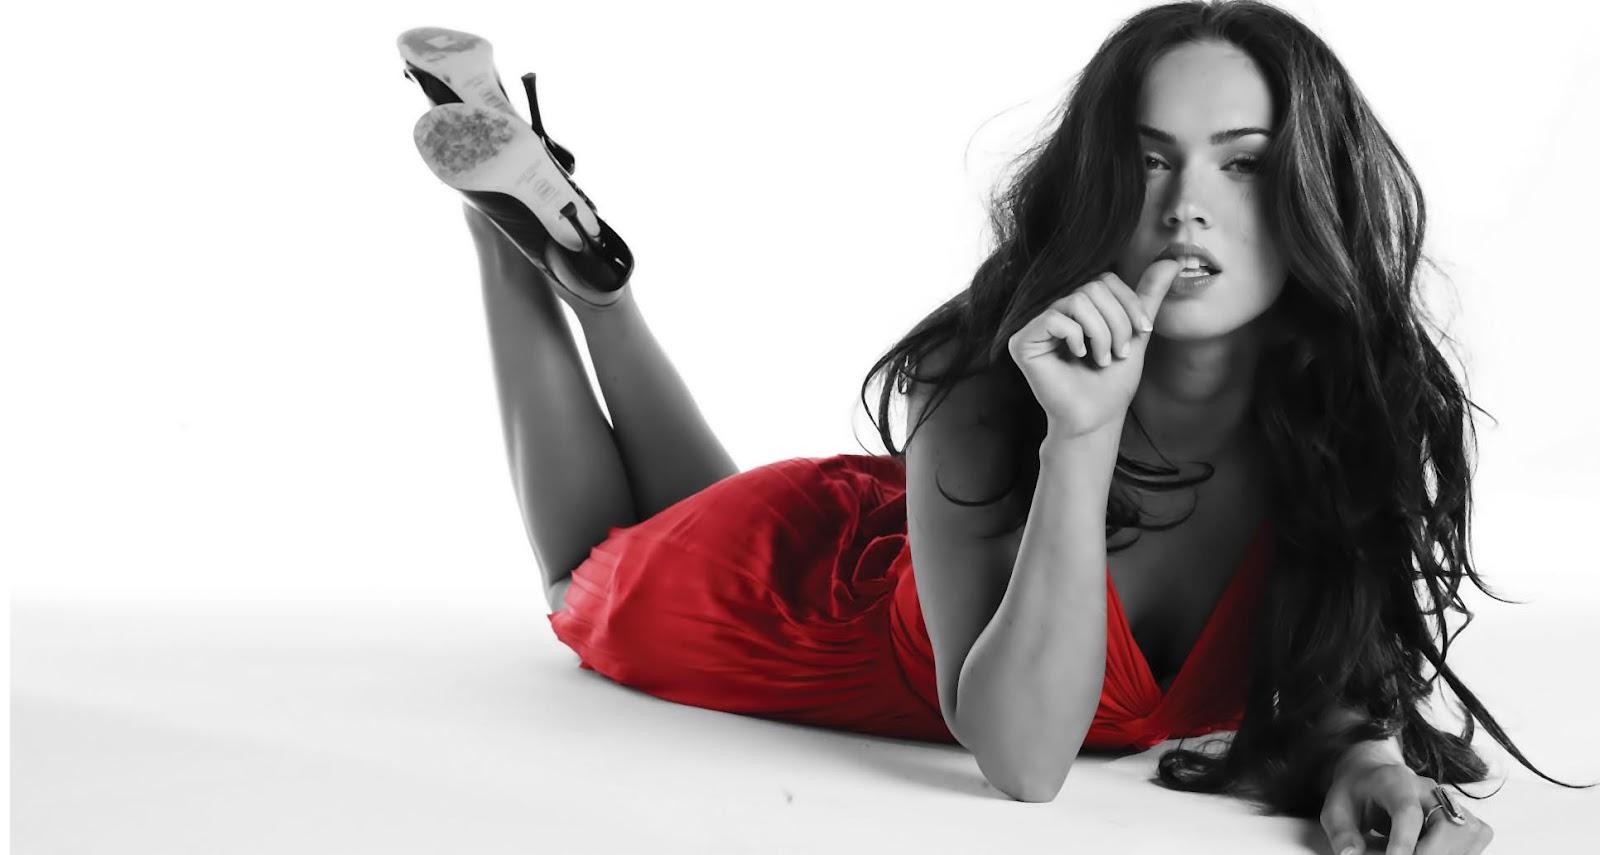 f1f9cc95e92 Lifestyle.gr: Στους άντρες αρέσουν οι... γυναίκες που φοράνε κόκκινα